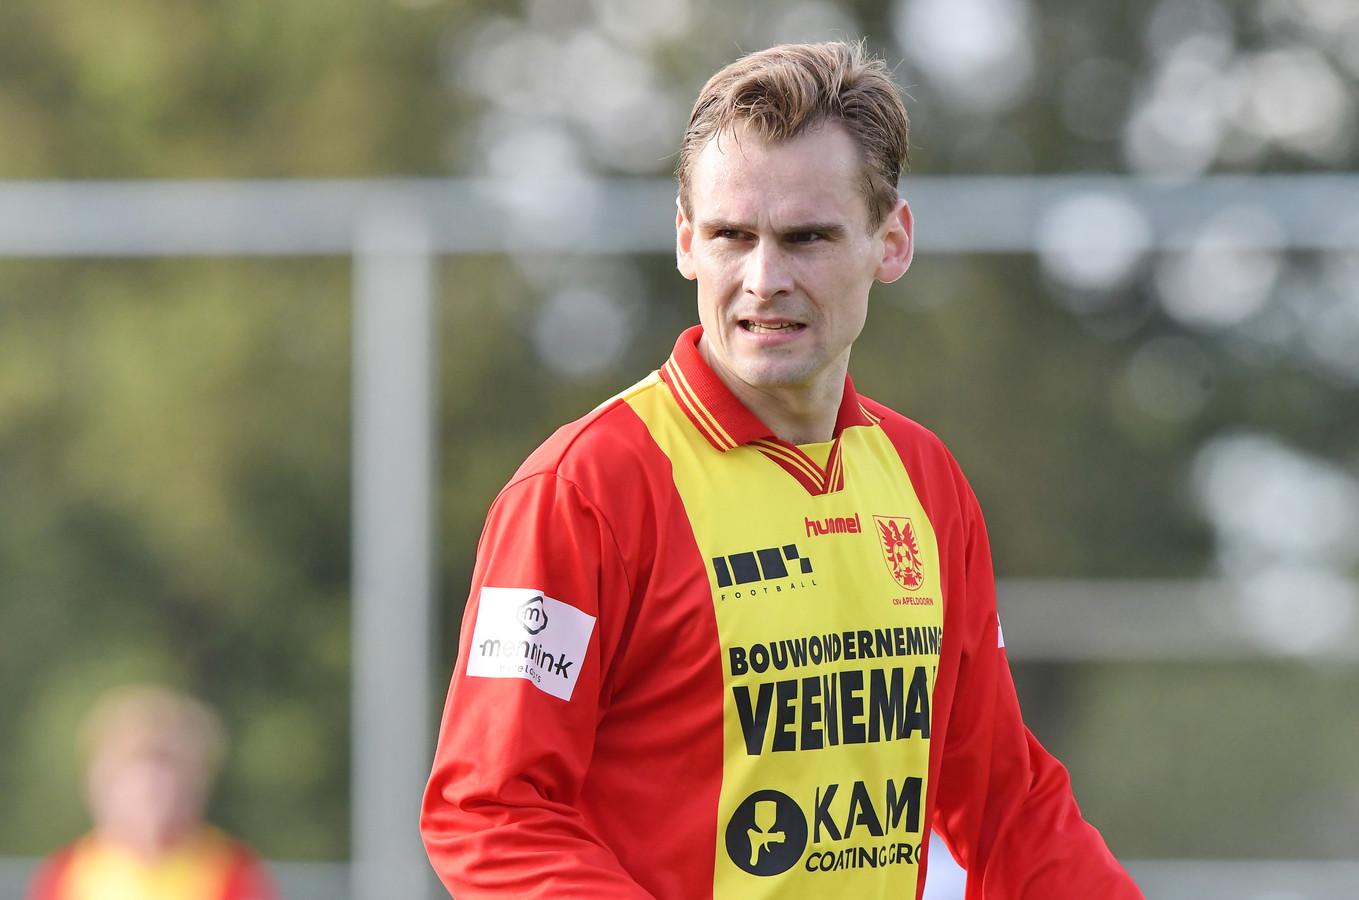 Steven van Es scoorde voor CSV Apeldoorn drie keer tegen DVC'26.